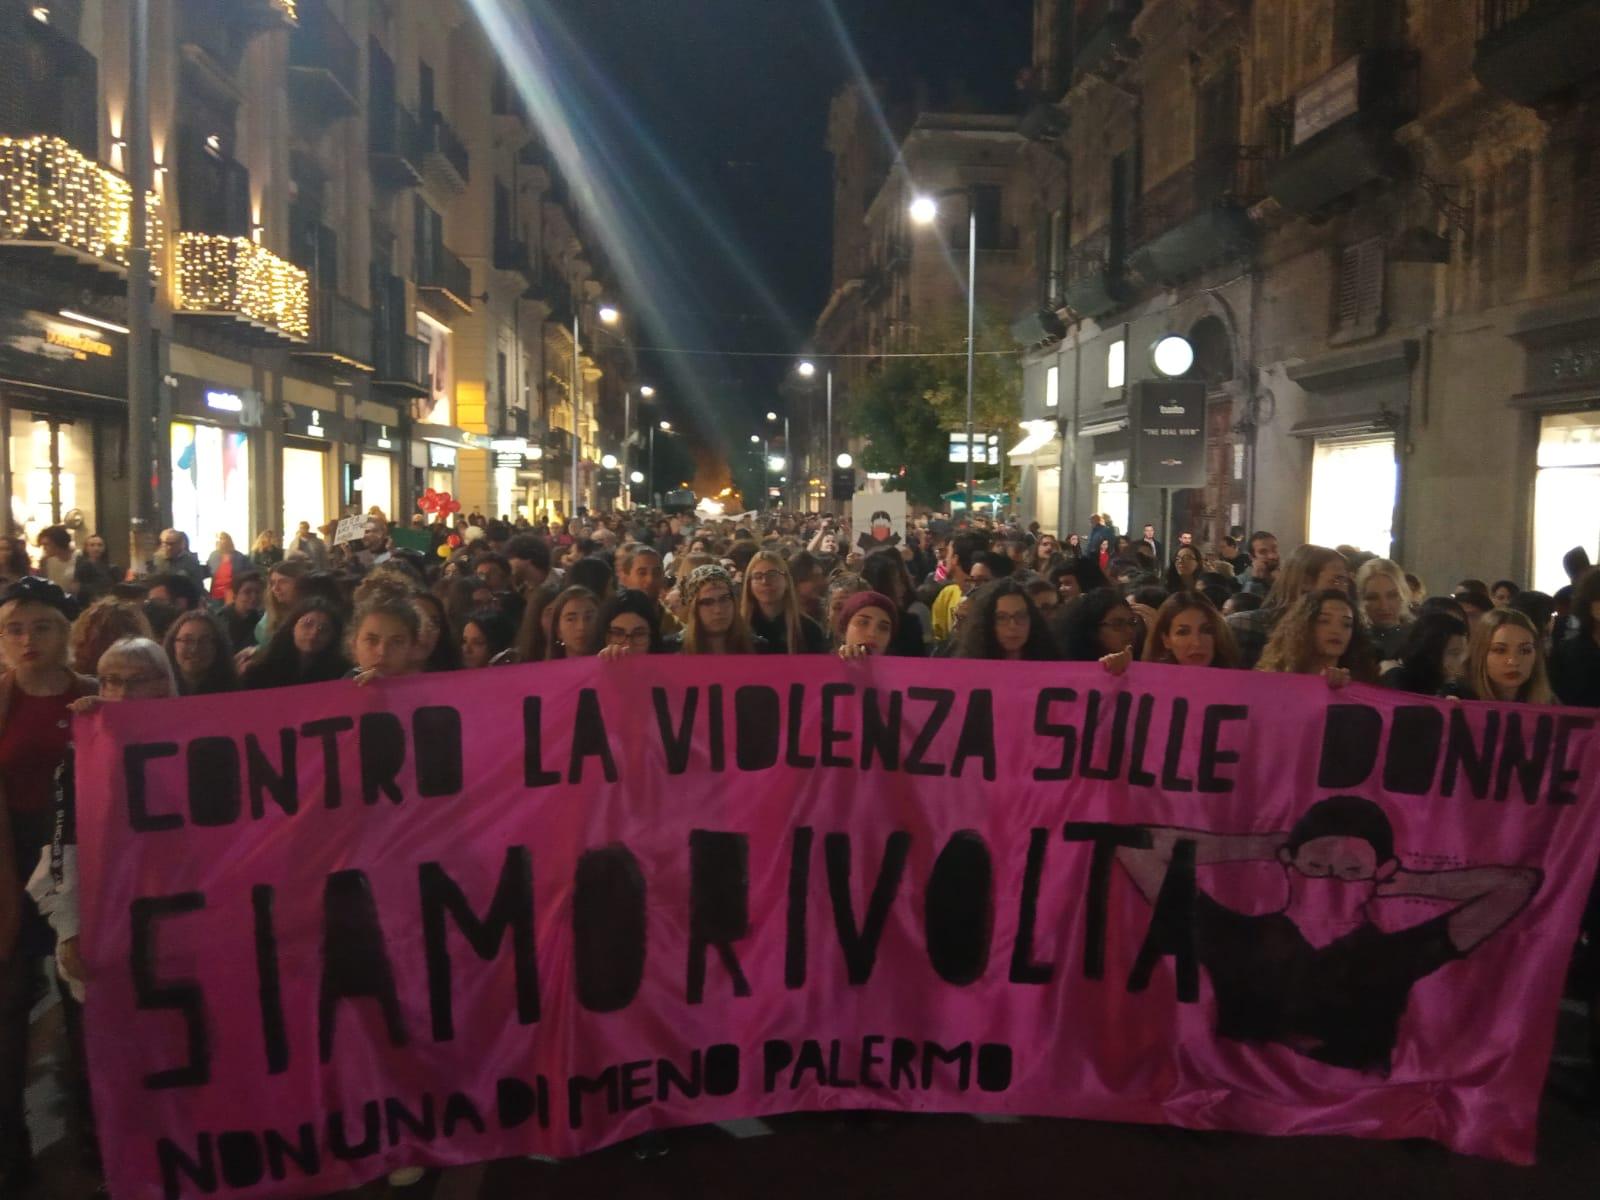 Sicilia: in migliaia contro la violenza sulle donne